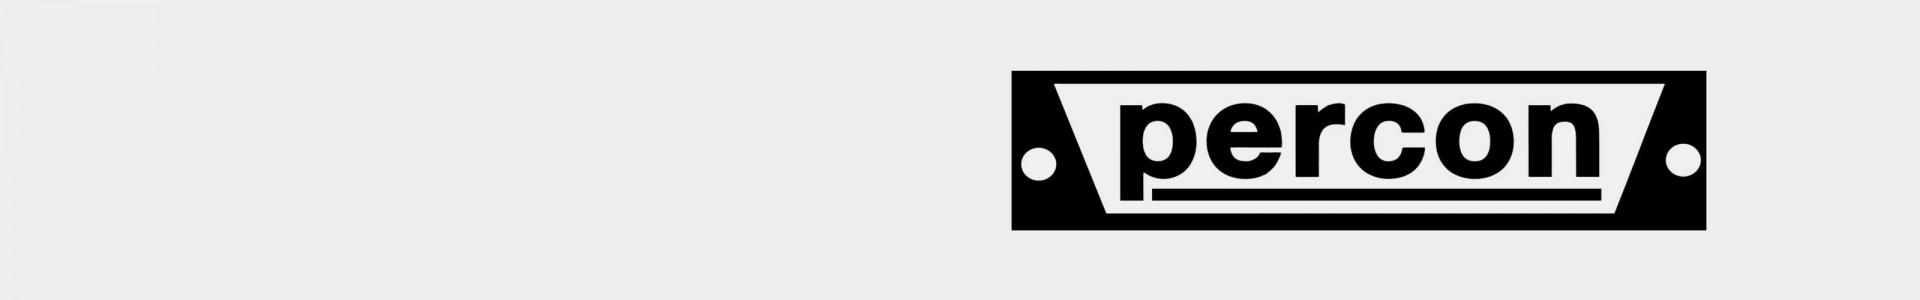 Cables Percon para micrófono - Calidad de sonido profesional - Avacab